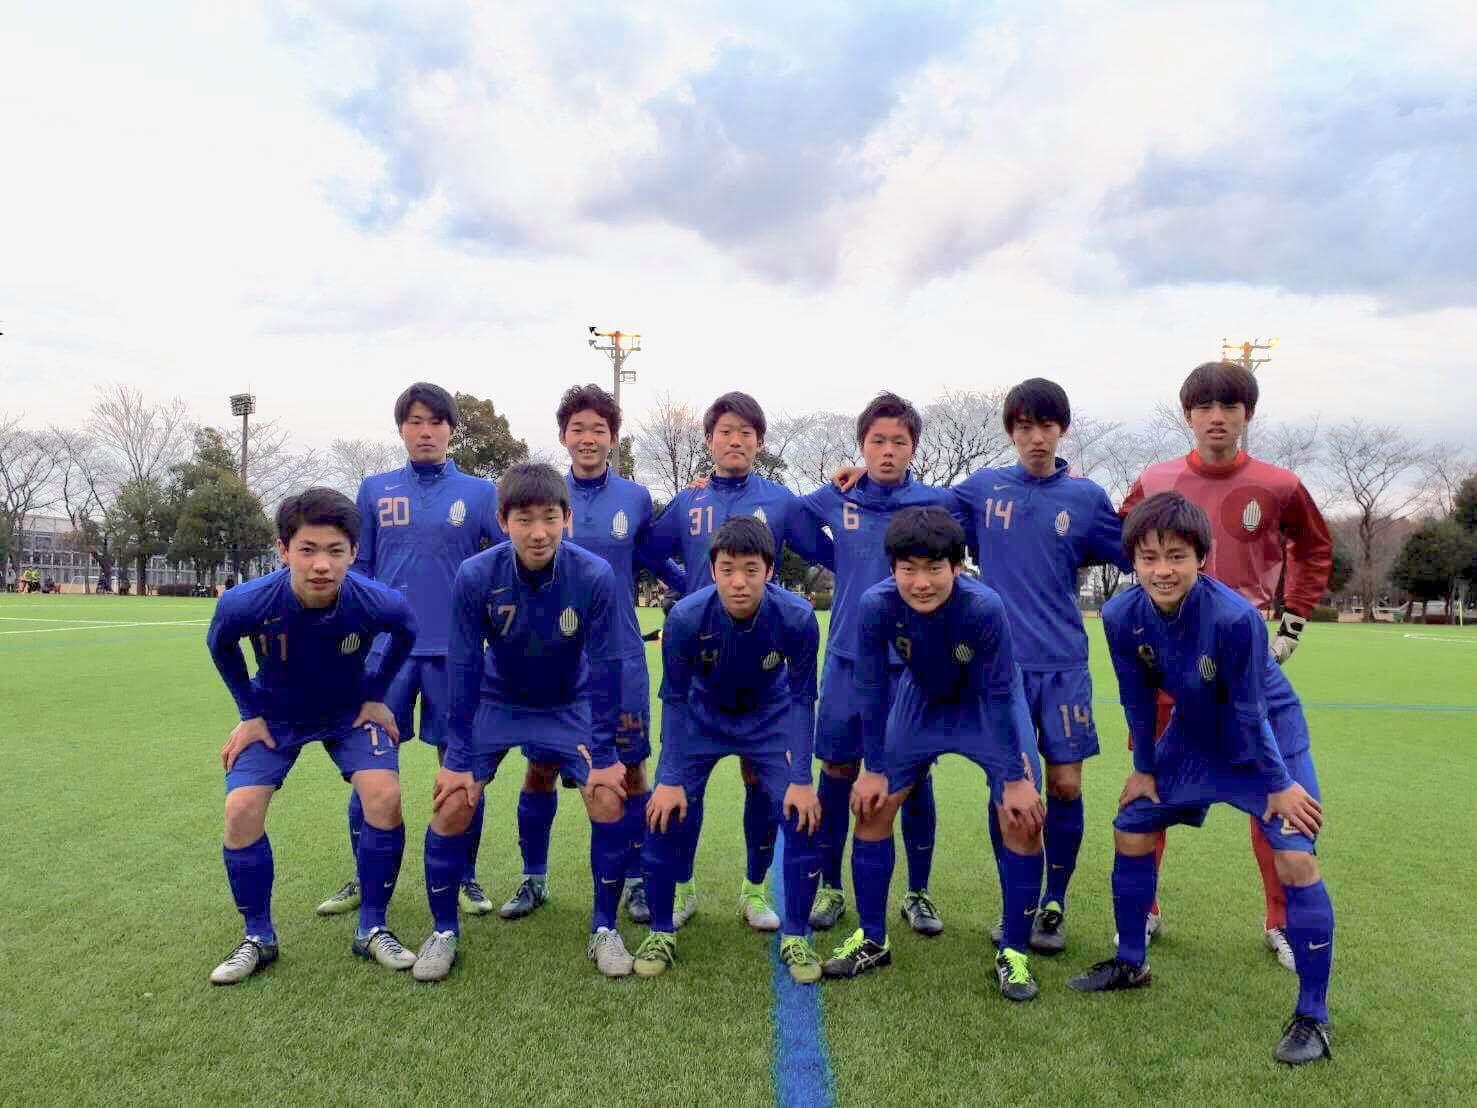 【ユース】千葉県クラブユース新人戦 レイソルユース戦結果